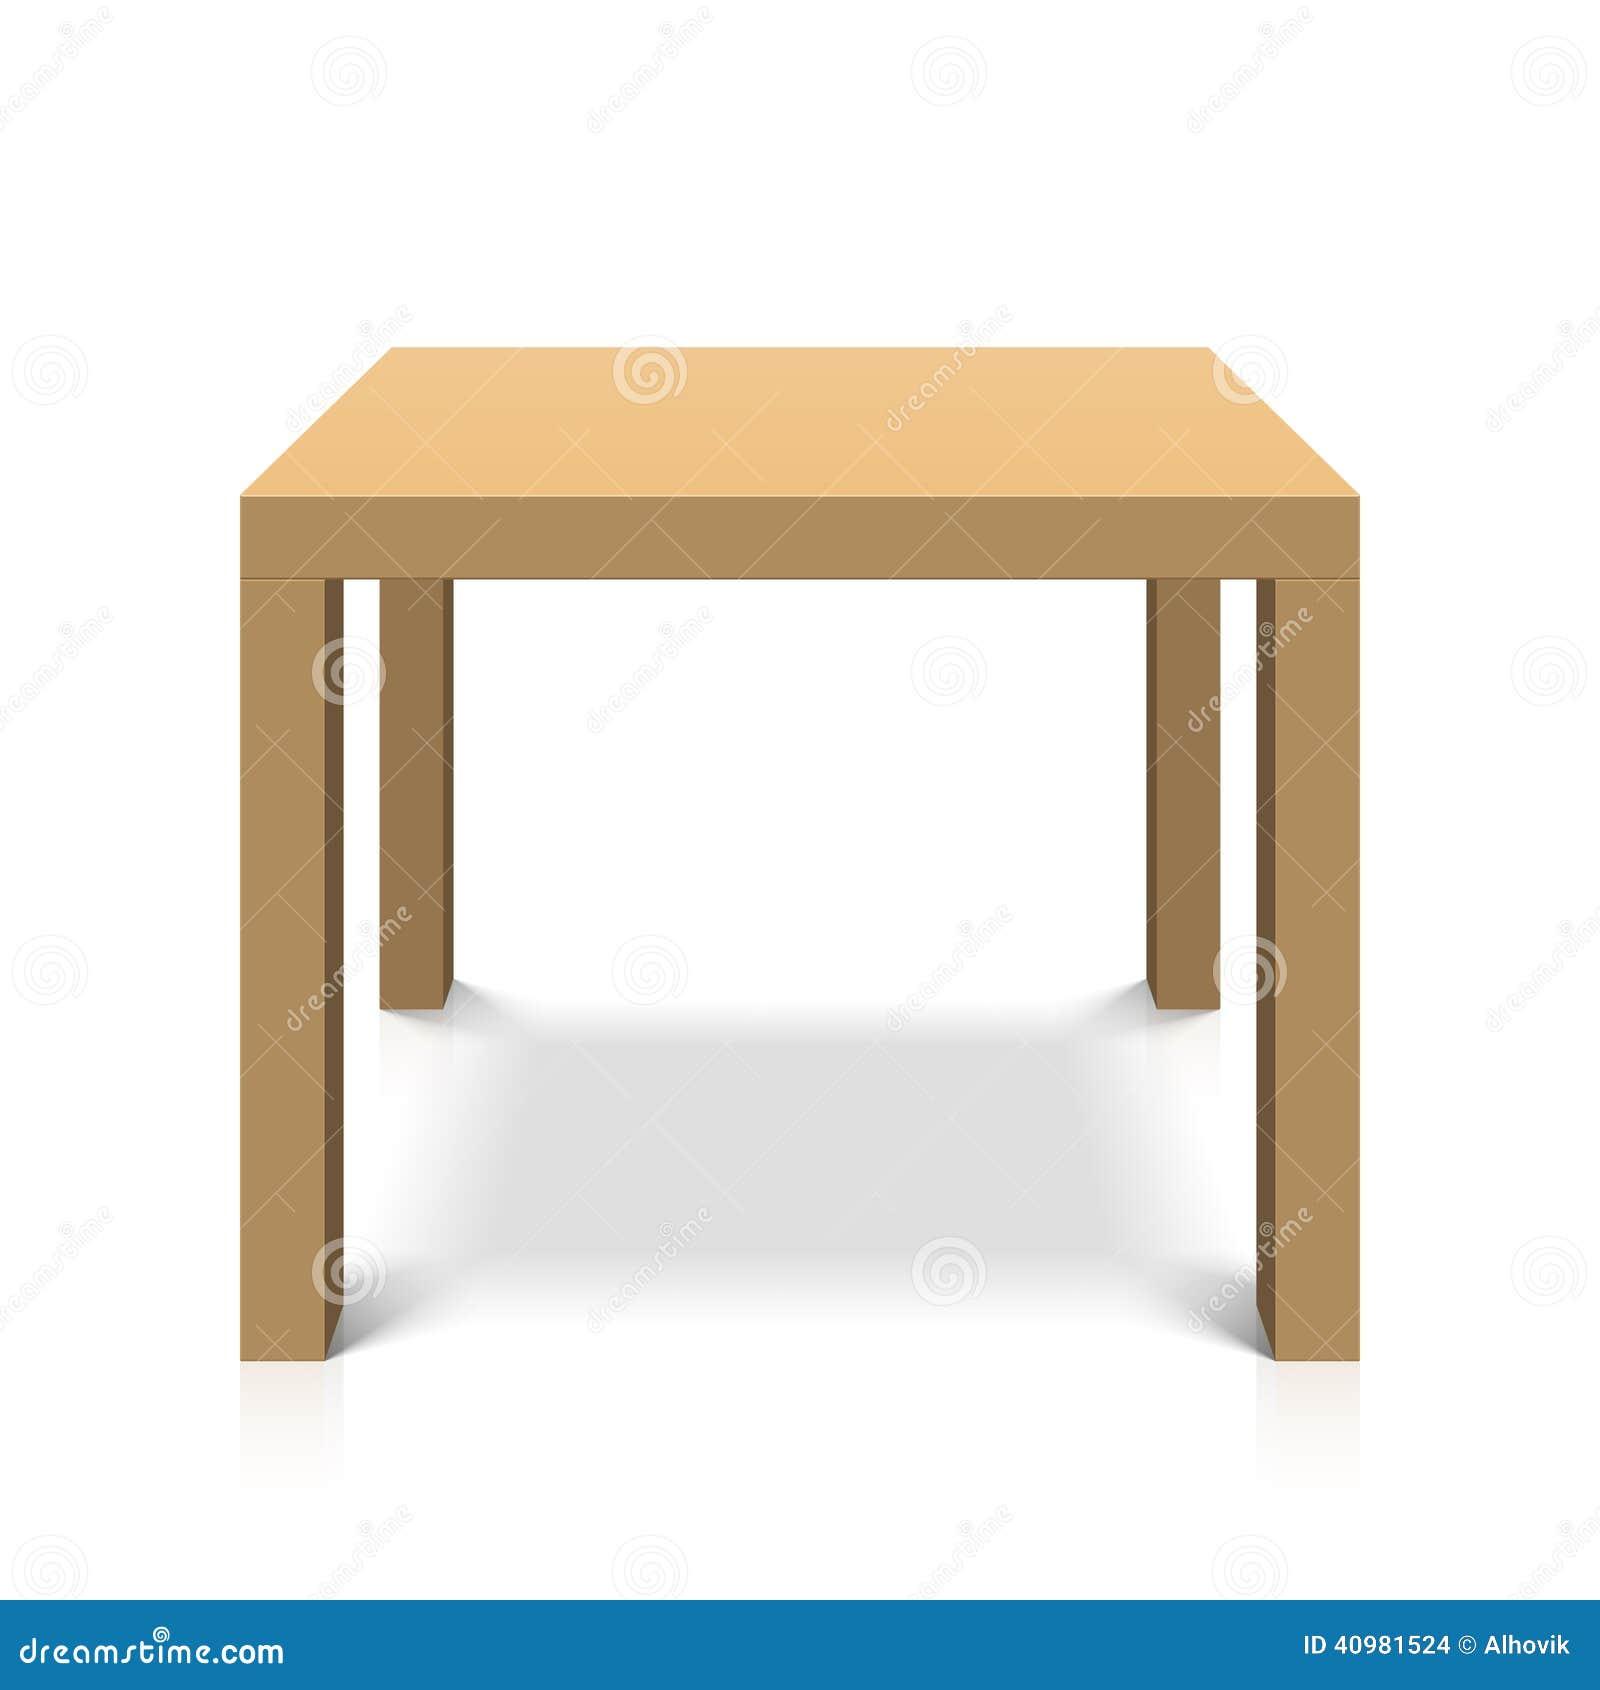 Mesa de centro cuadrada de madera ilustraci n del vector imagen 40981524 - Mesa centro cuadrada ...